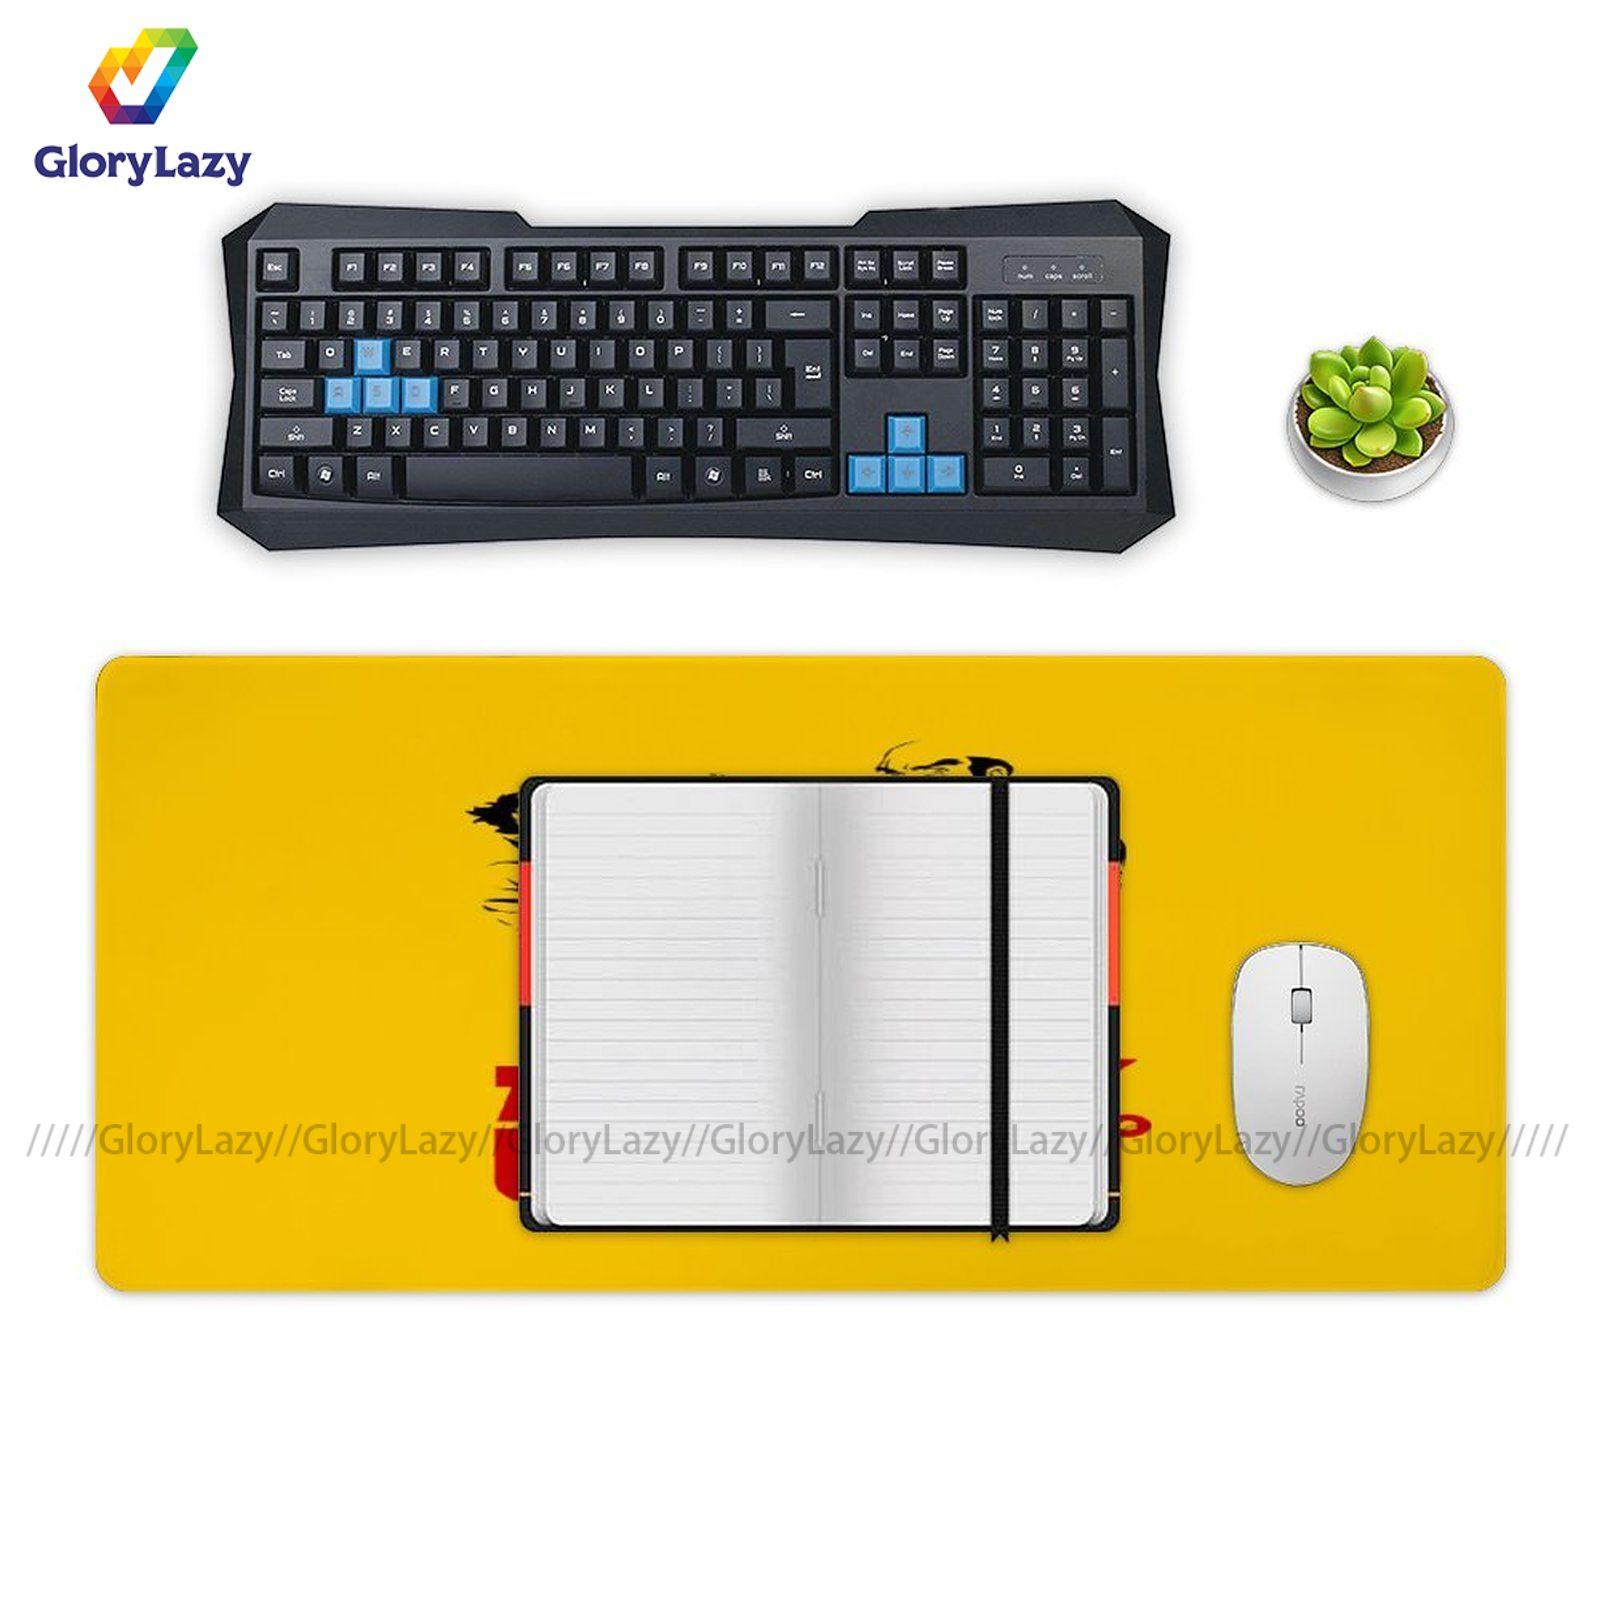 H349176a5835742608d4ccf124e85028fy - Anime Mousepads